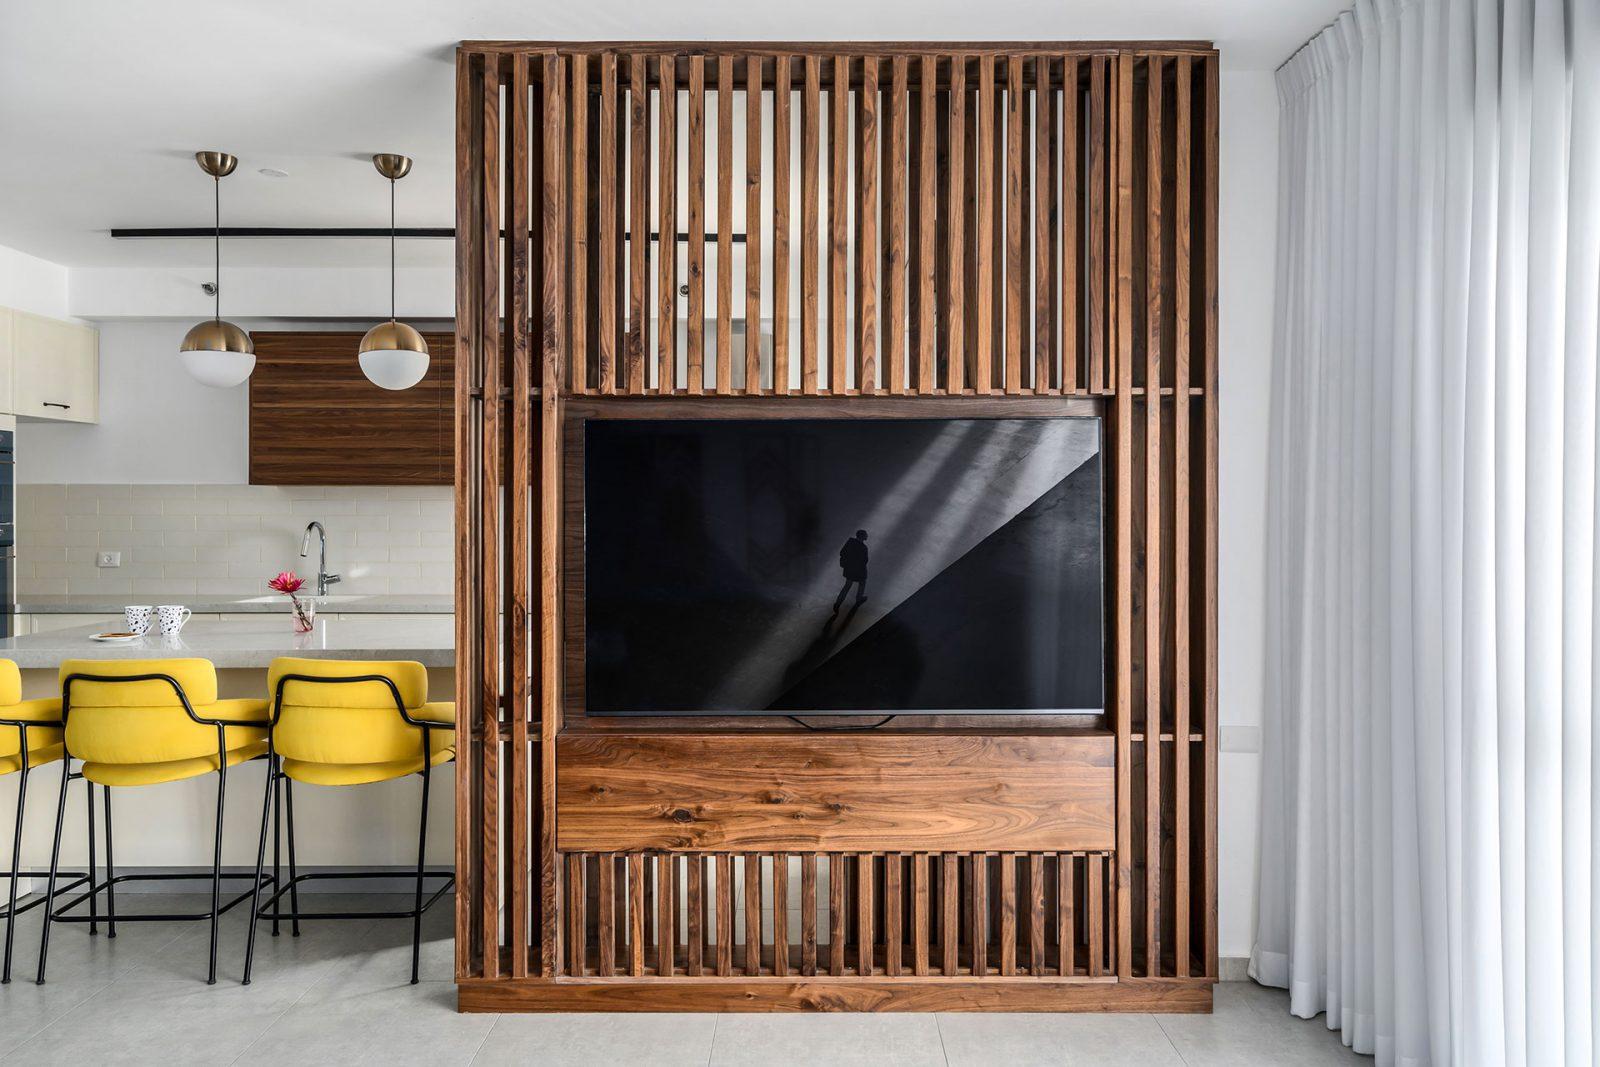 קיר טלויזיה מעץ אגוז